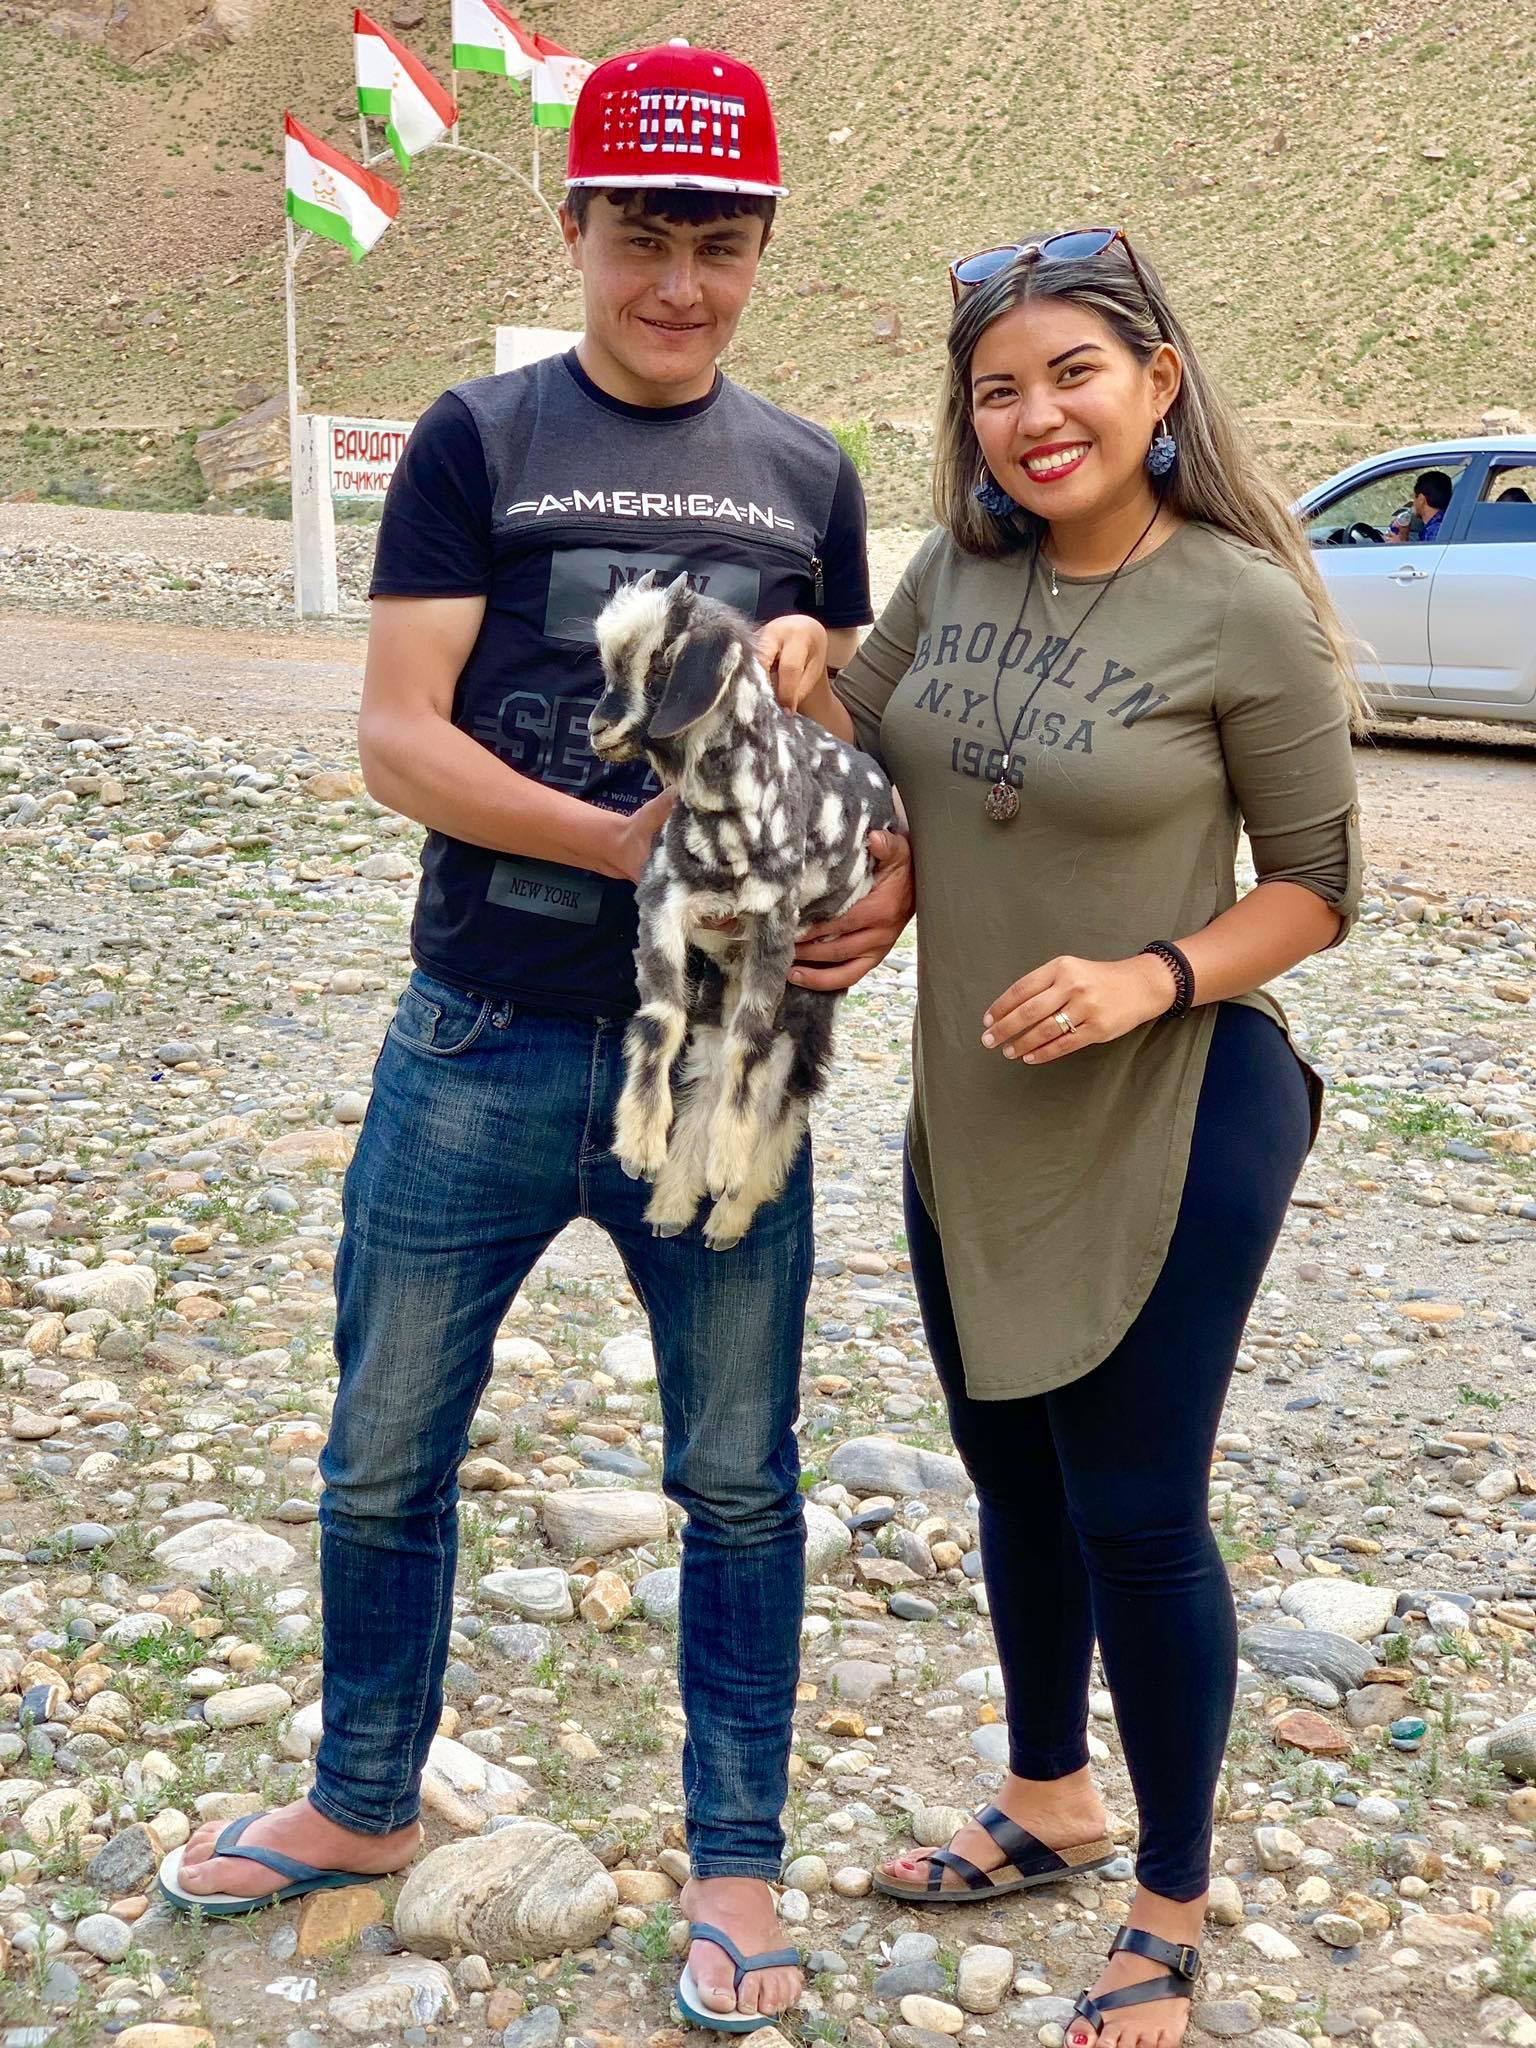 Kach Solo Travels in 2019 Pamir Highway Trip in Tajikistan31.jpg